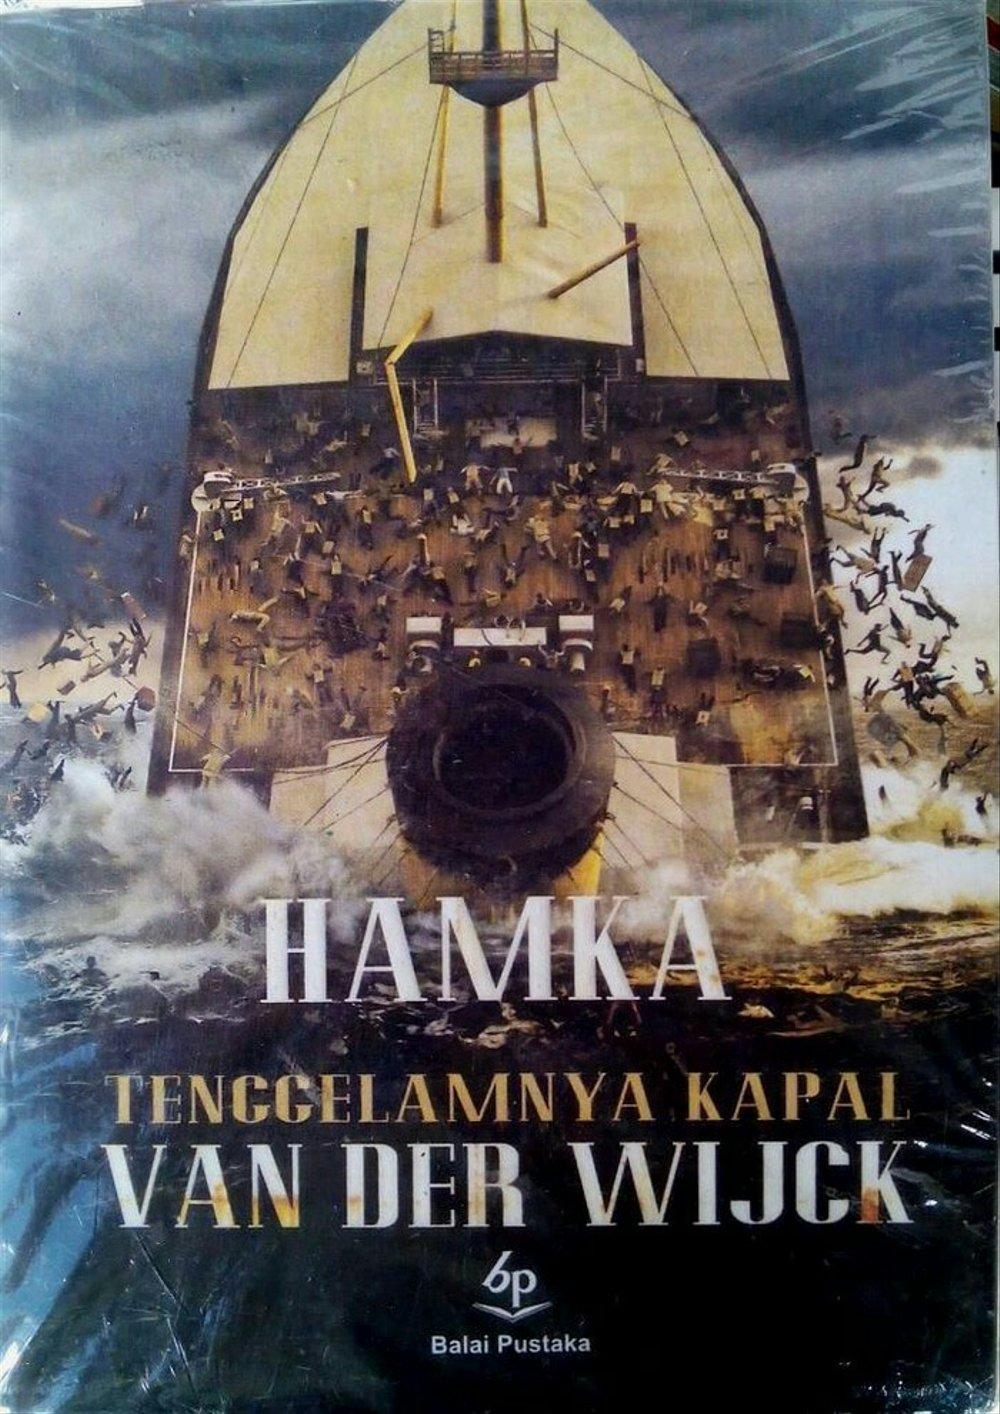 Sinopsis Novel Tenggelamnya Kapal Van Der Wijck Karya Hamka Seputar Informasi